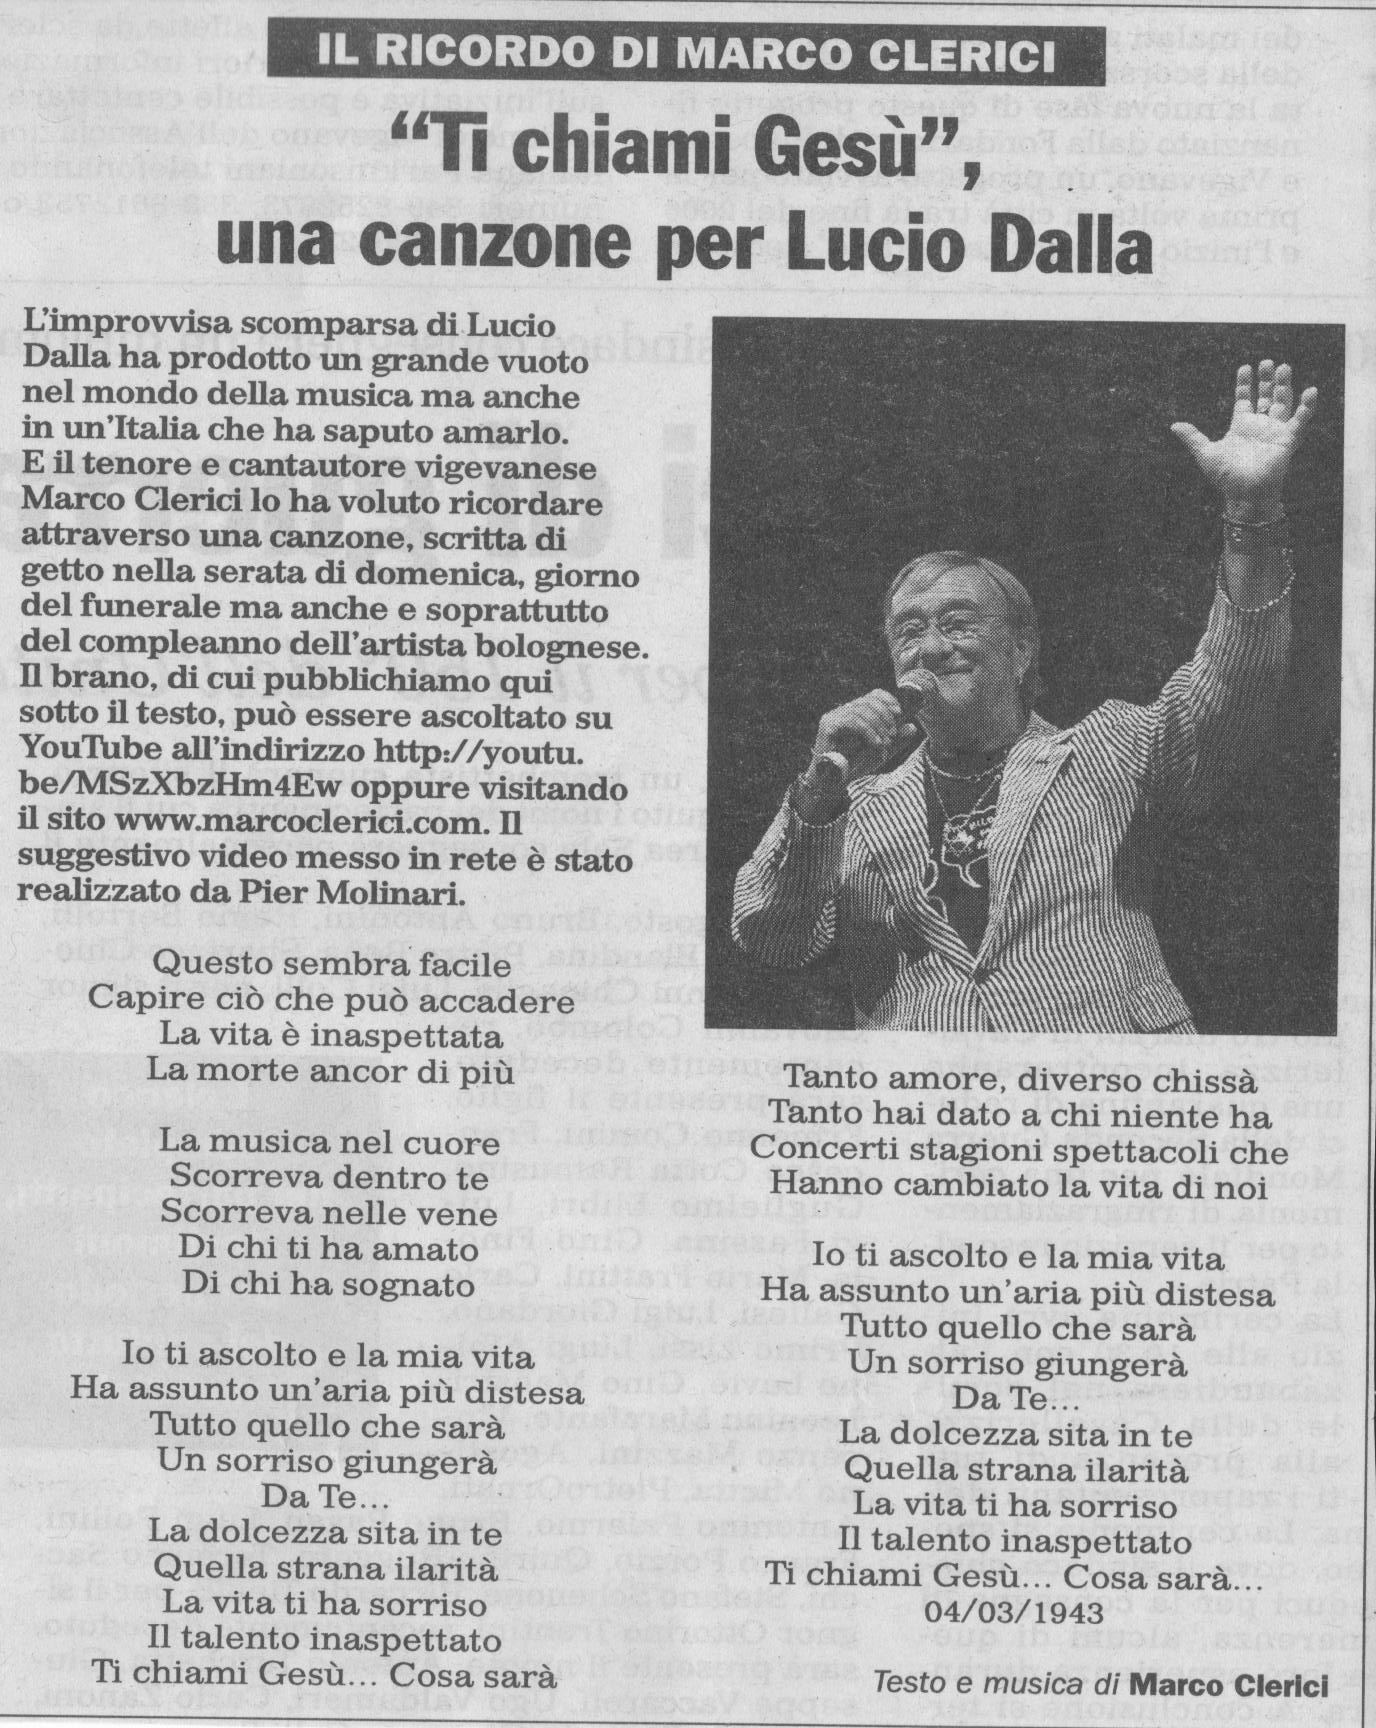 Canzone di Marco Clerici per Lucio Dalla